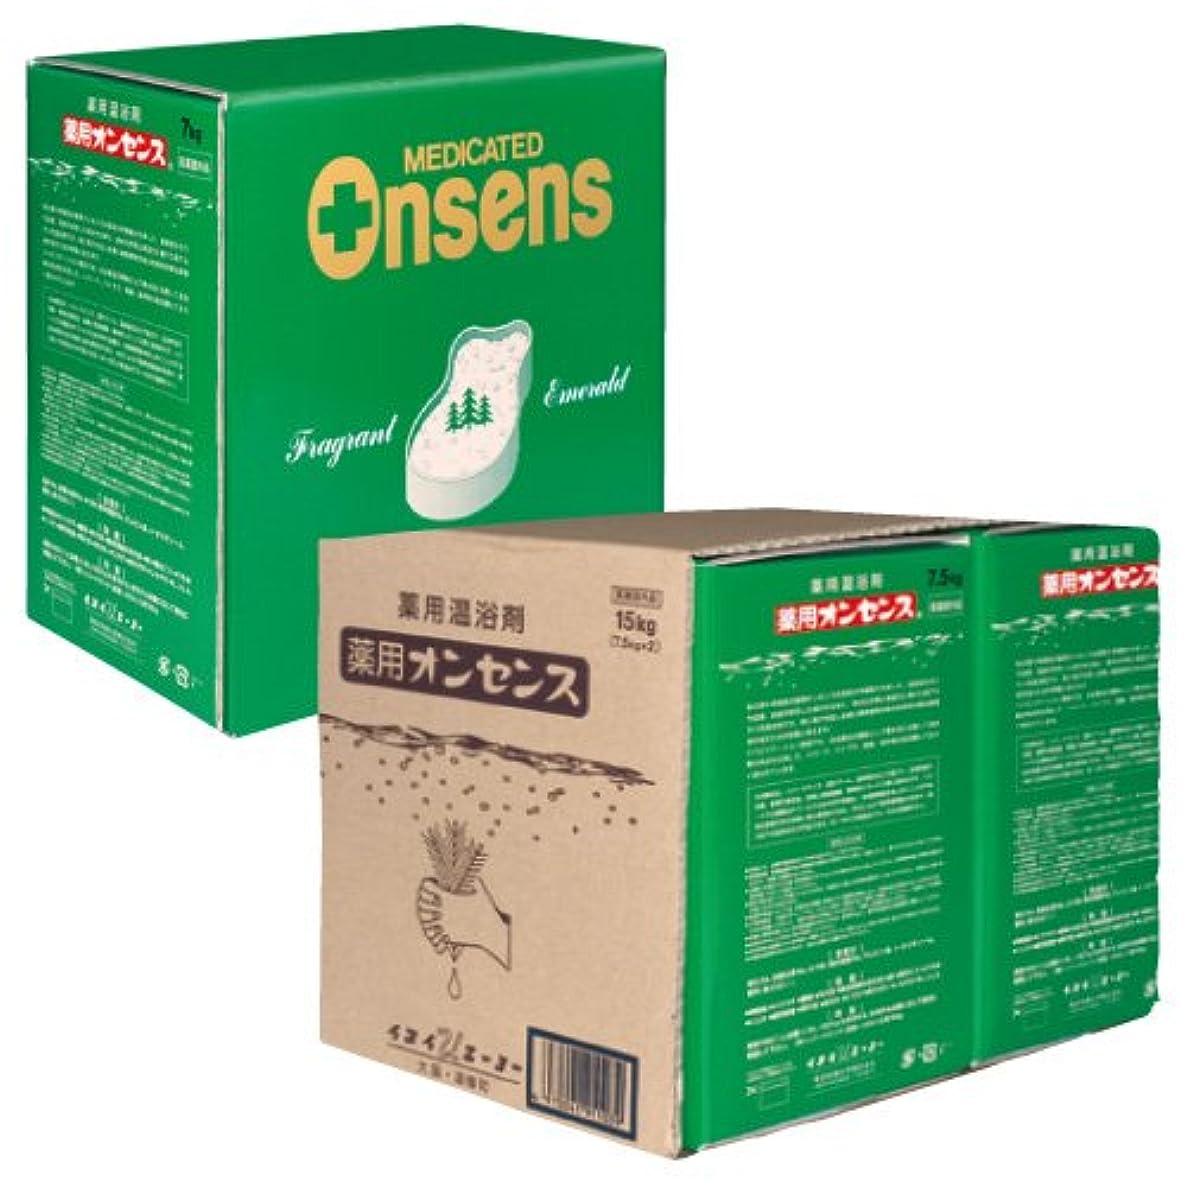 厳密に立ち寄る回路入浴剤 (薬用オンセンス) 7kg /7-2536-02